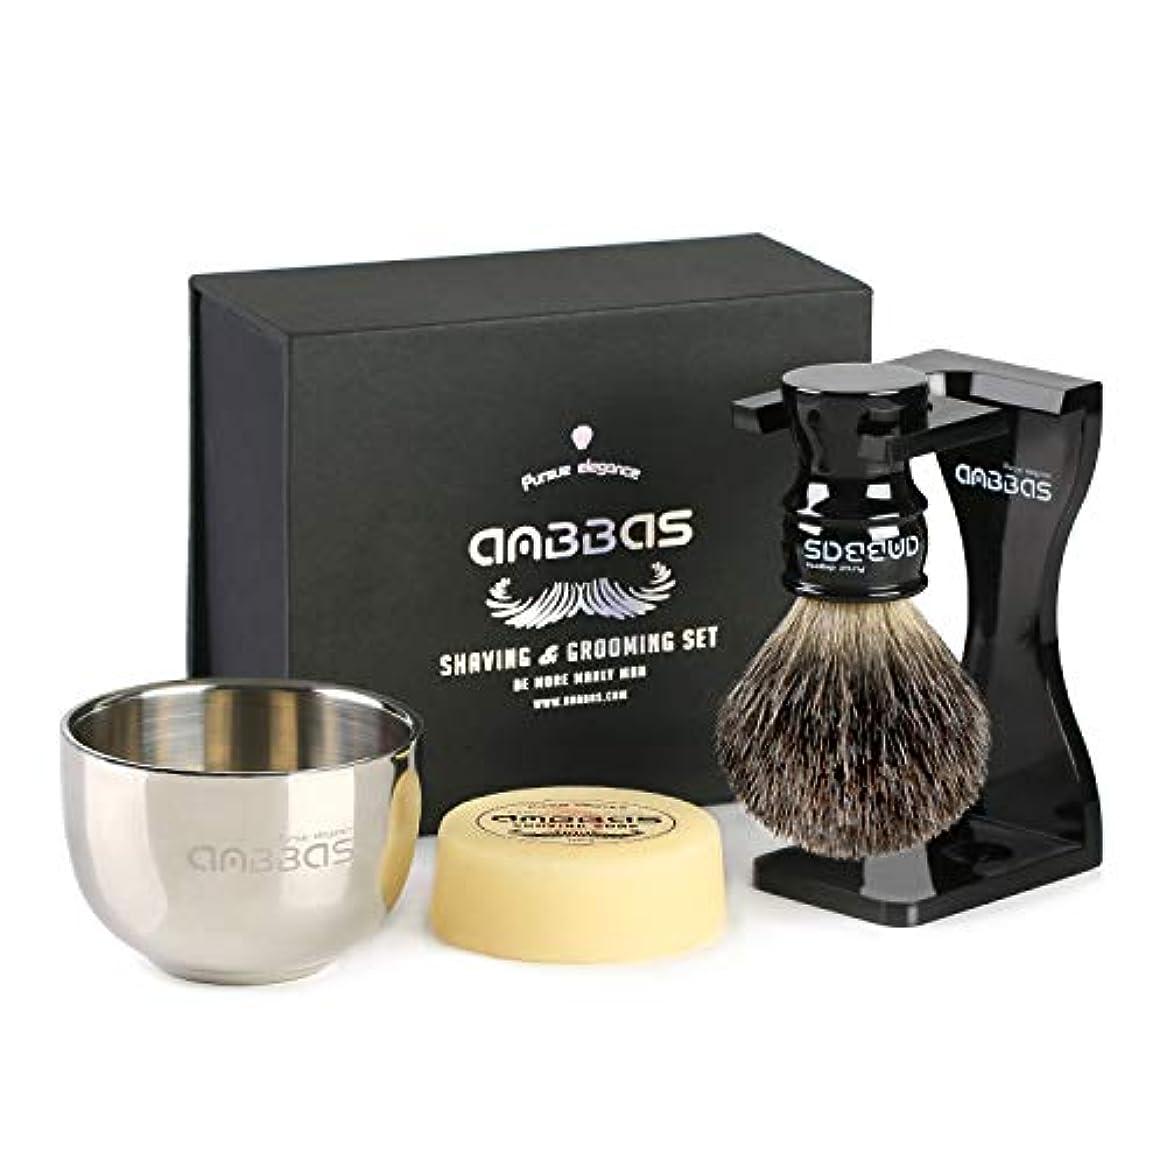 Easy Raku®シェービングブラシセット ひげブラシ アナグマ毛 髭剃り 泡立ち メンズ 純粋なバッガーヘアシェービングブラシ (ブラシ+スタンド+シェービングボウル+ヤギミルク)